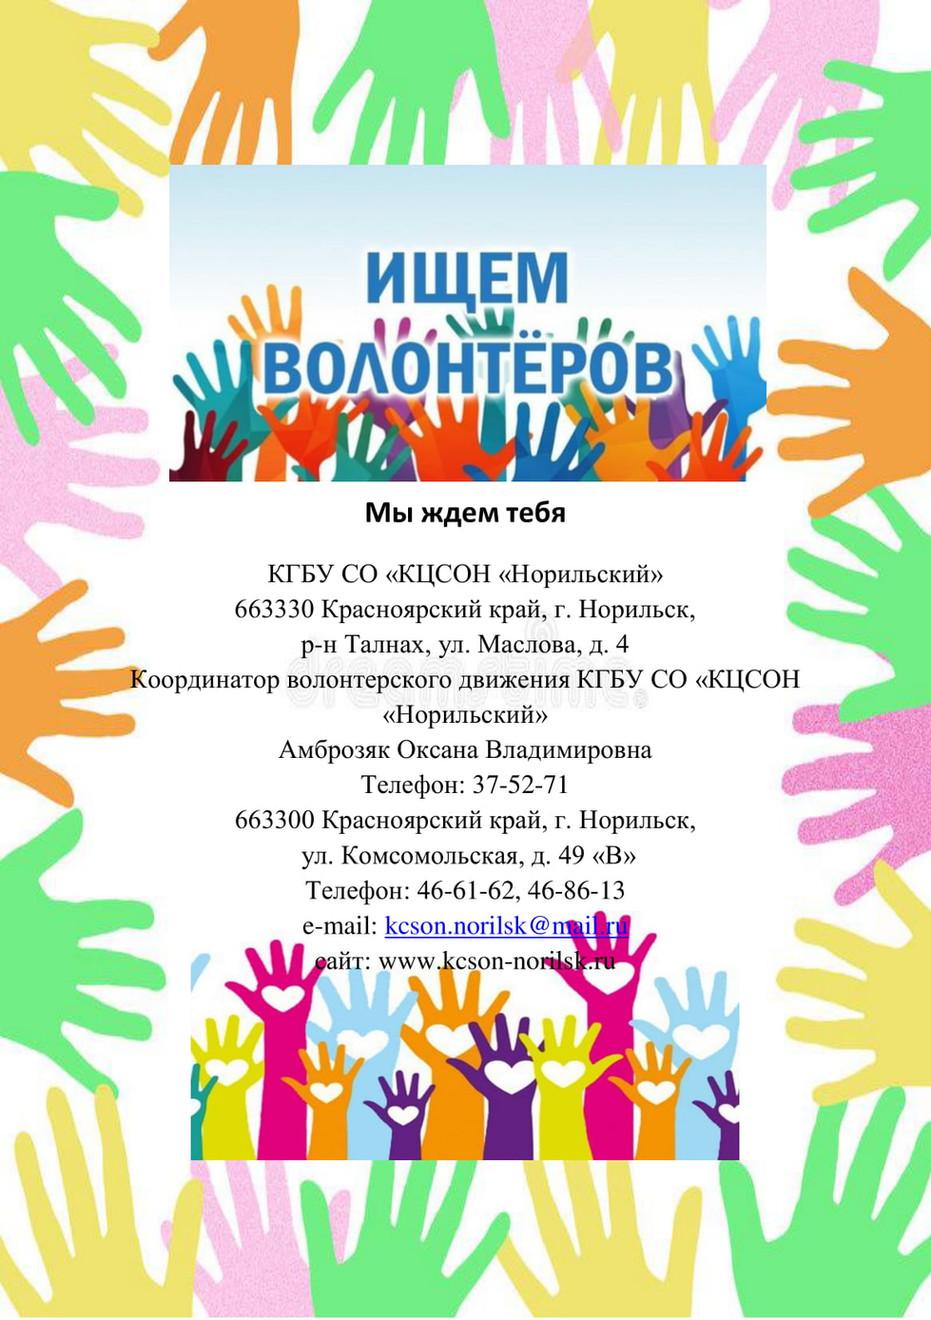 Листовка Волонтерство-1.jpg